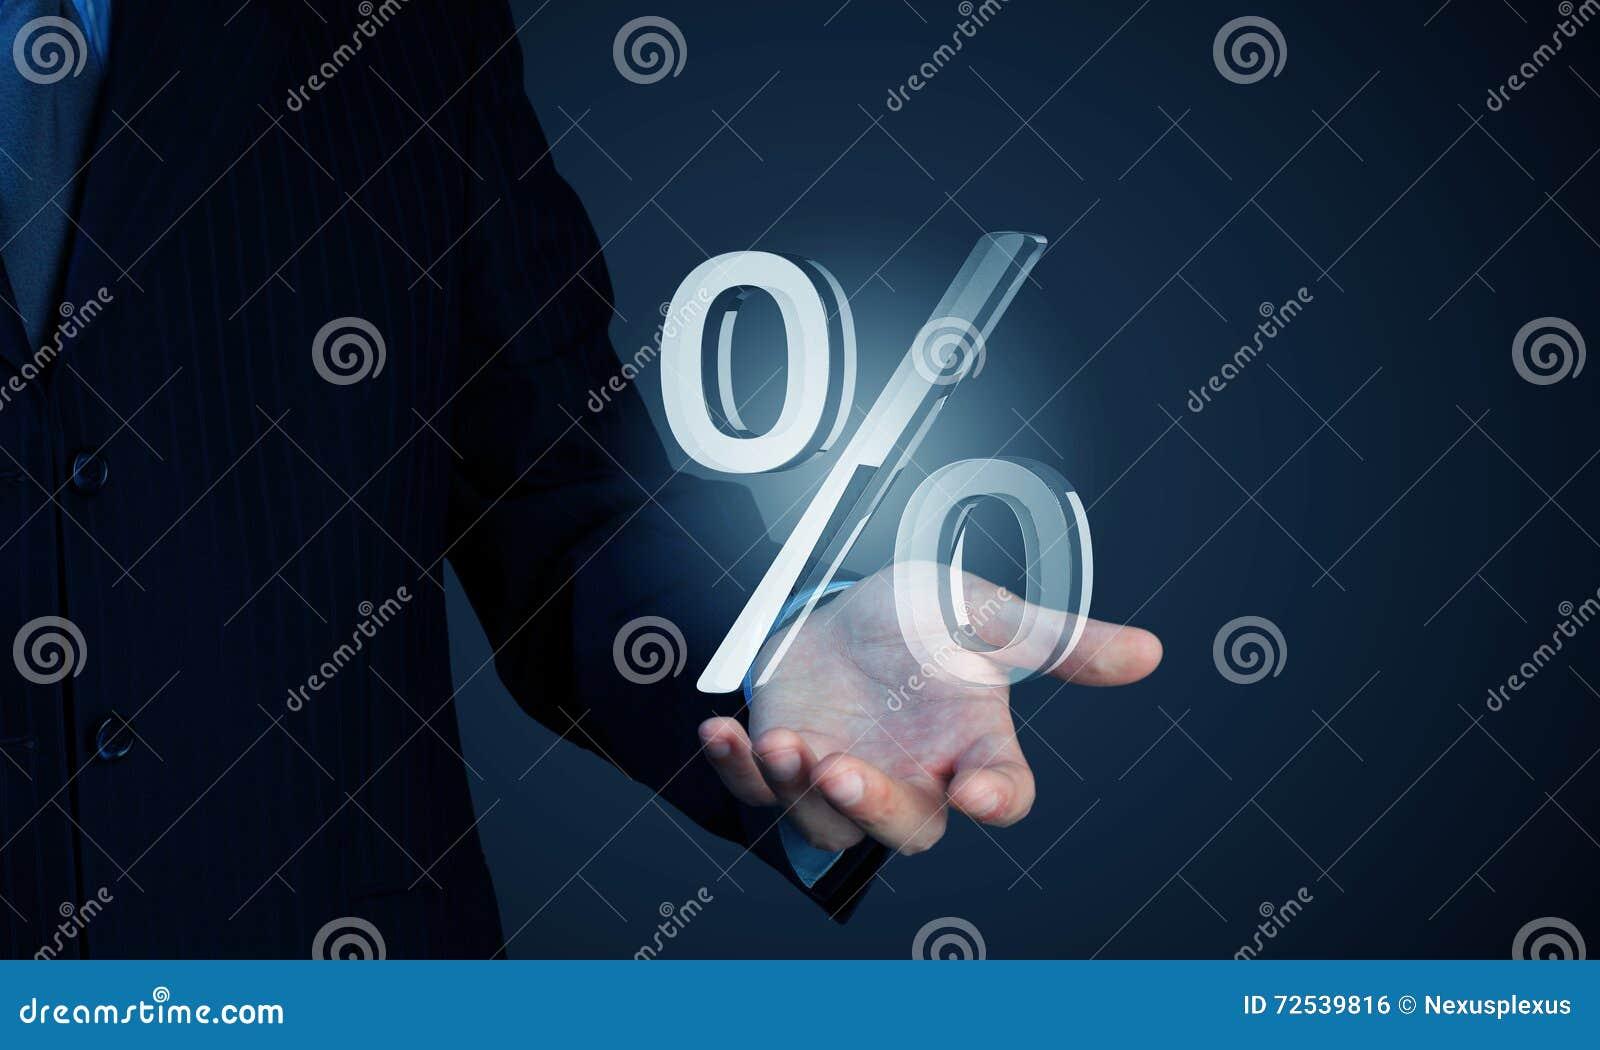 проценты по микрозаймам практика